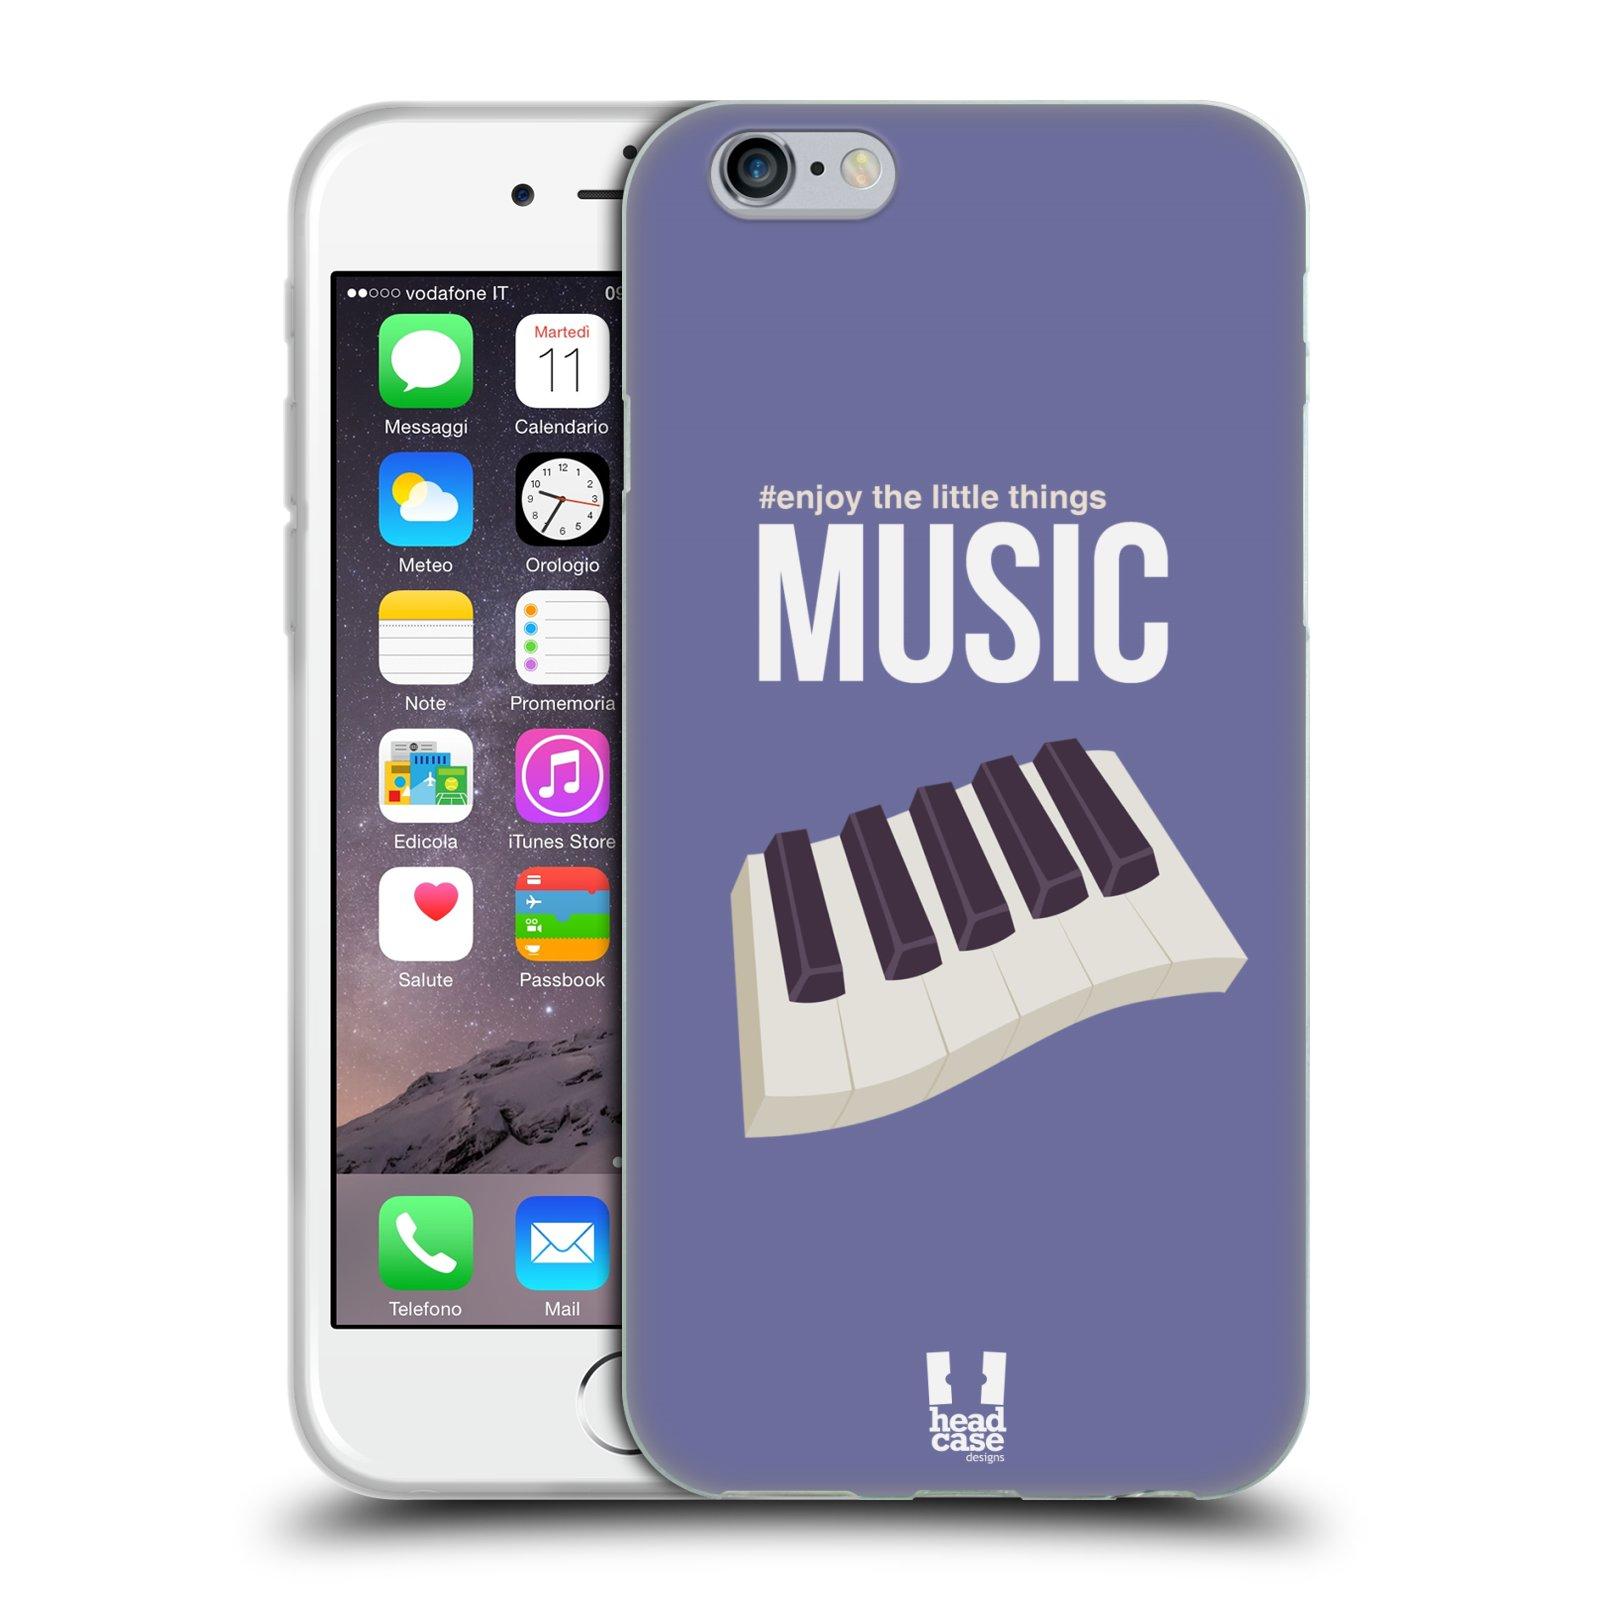 Case Designs disfrutar del pequeño HEAD cosas Gel caso para teléfonos APPLE iPHONE